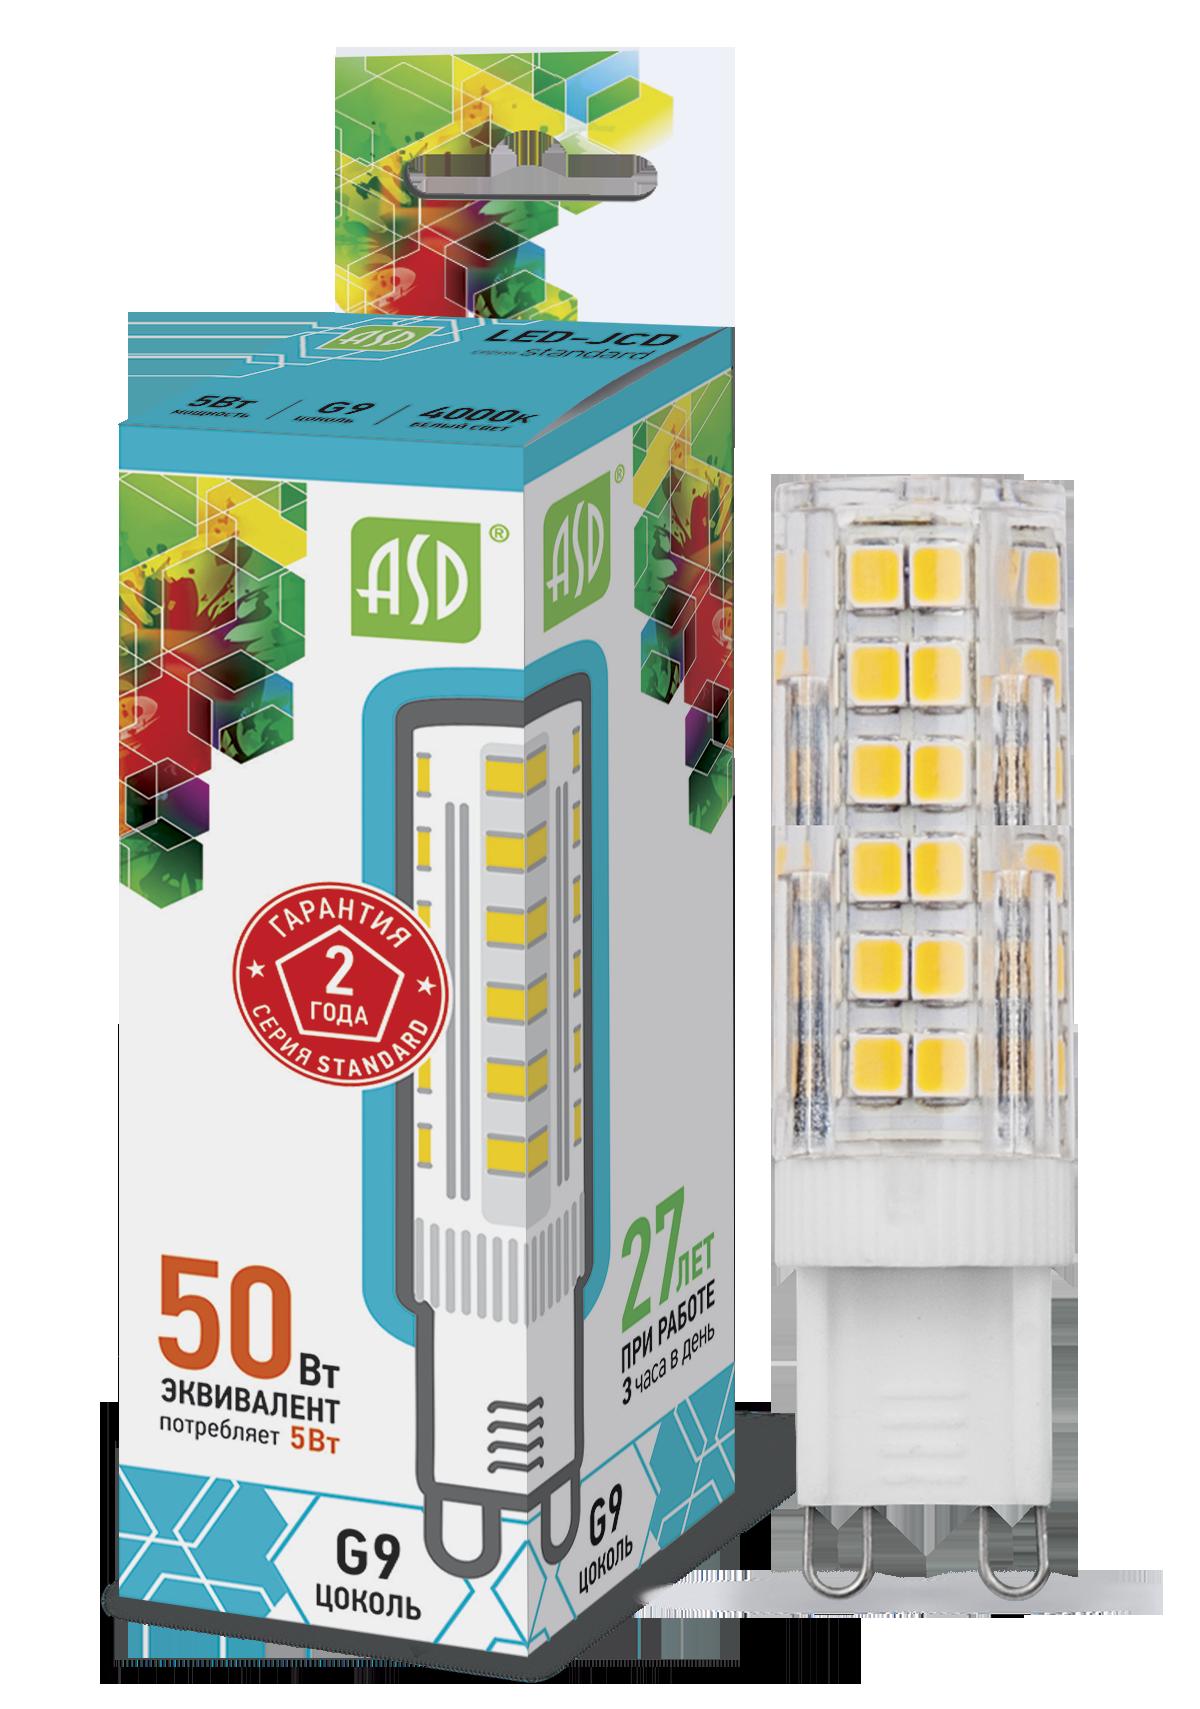 Лампа светодиодная LED-JCD-standard 5Вт 230В G9 4000К 450Лм ASD, 100% качество, в наличии на L-ed.ru